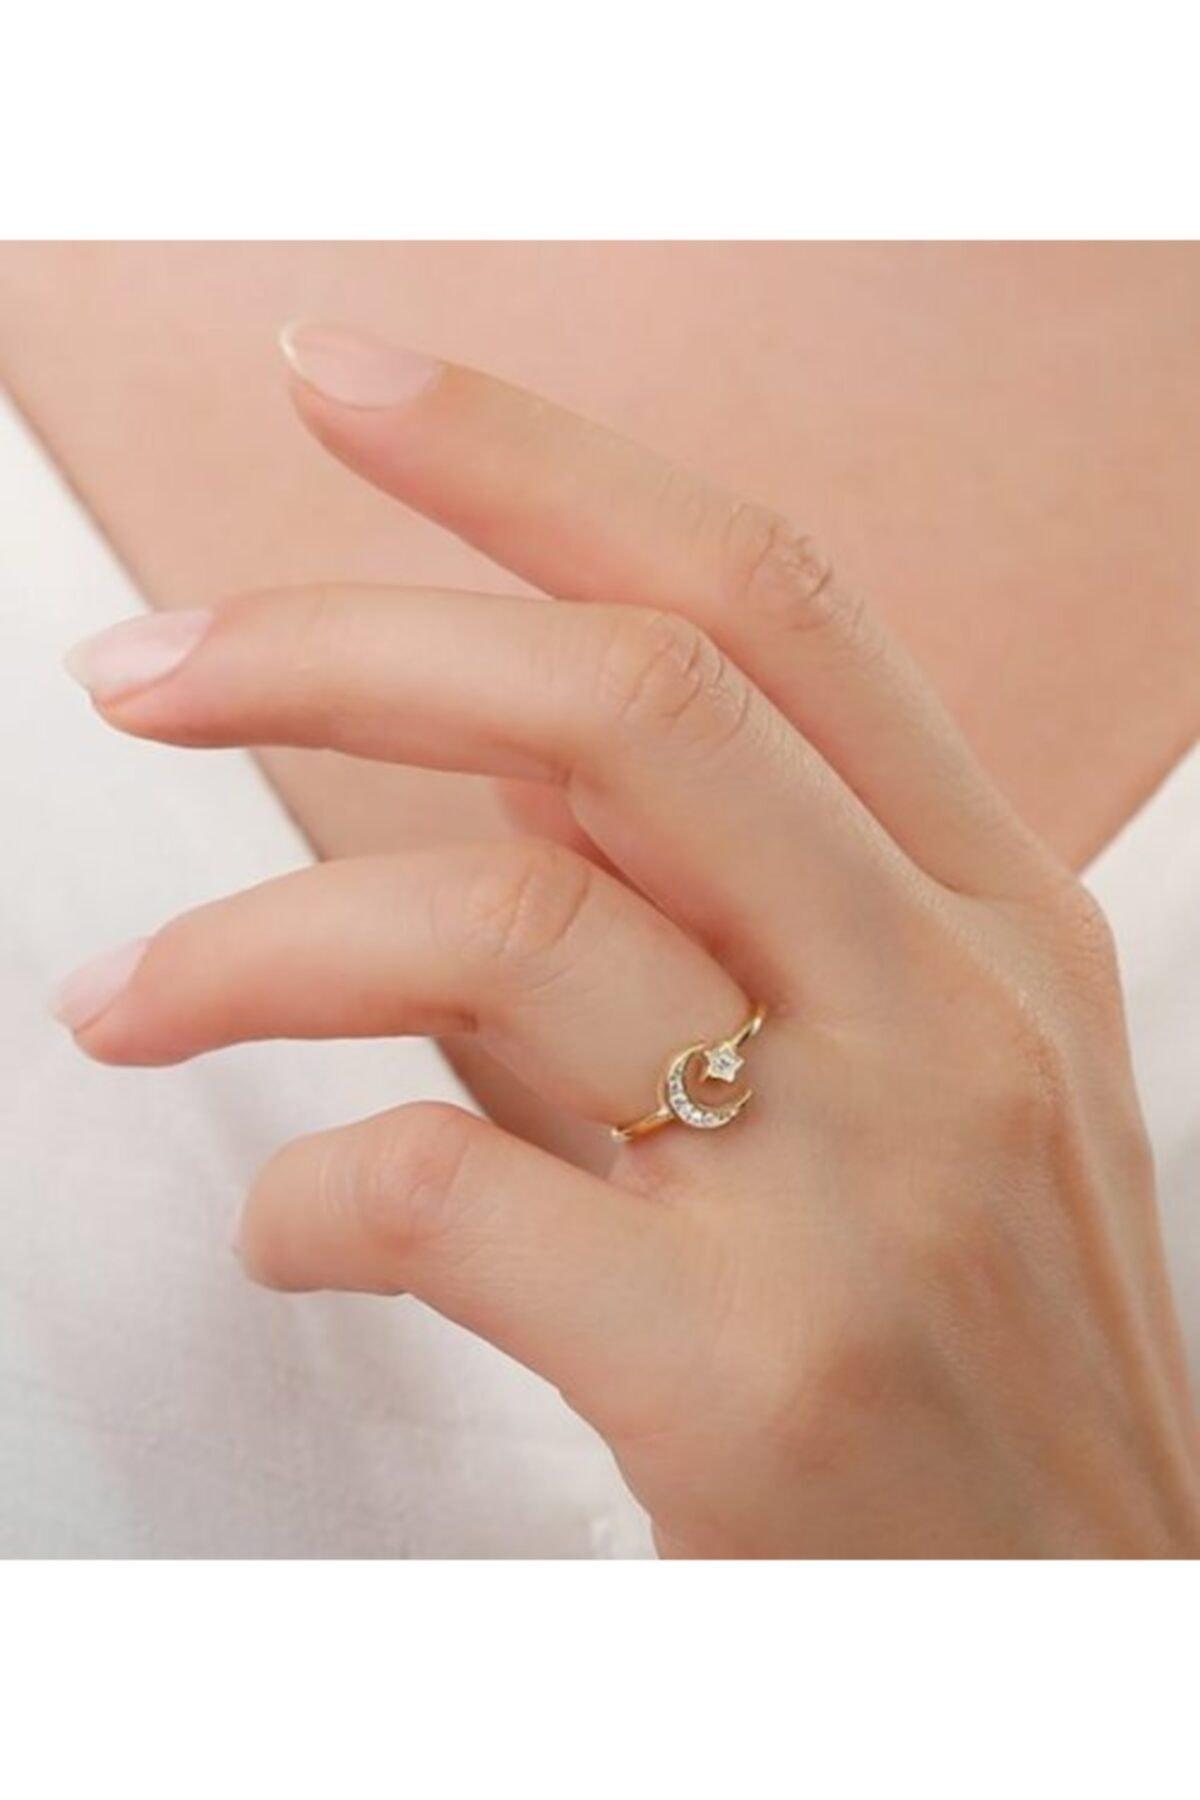 Gümüşistan Kadın Altın Sarısı 925 Ayar Gümüş Ay Yıldızlı Yüzük 1